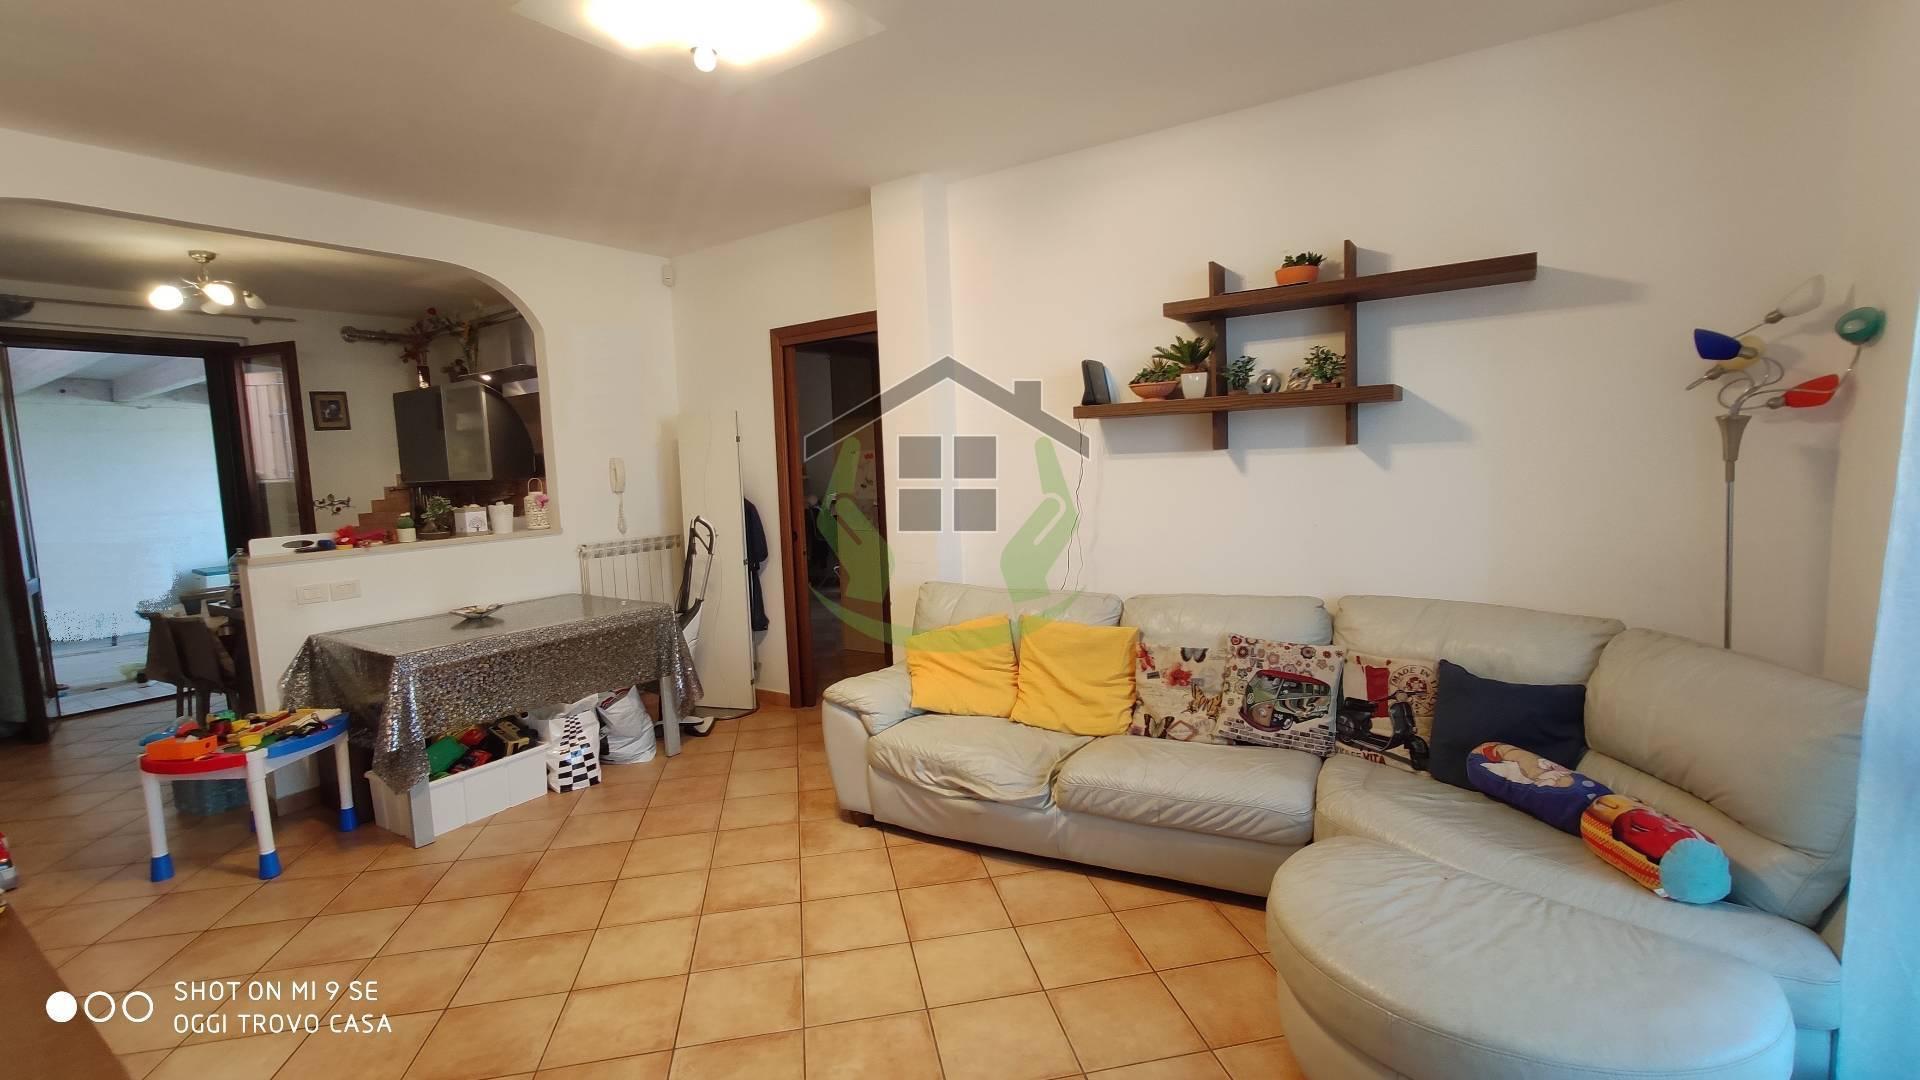 Appartamento in vendita a Massignano, 5 locali, zona Località: Marina, prezzo € 140.000 | PortaleAgenzieImmobiliari.it